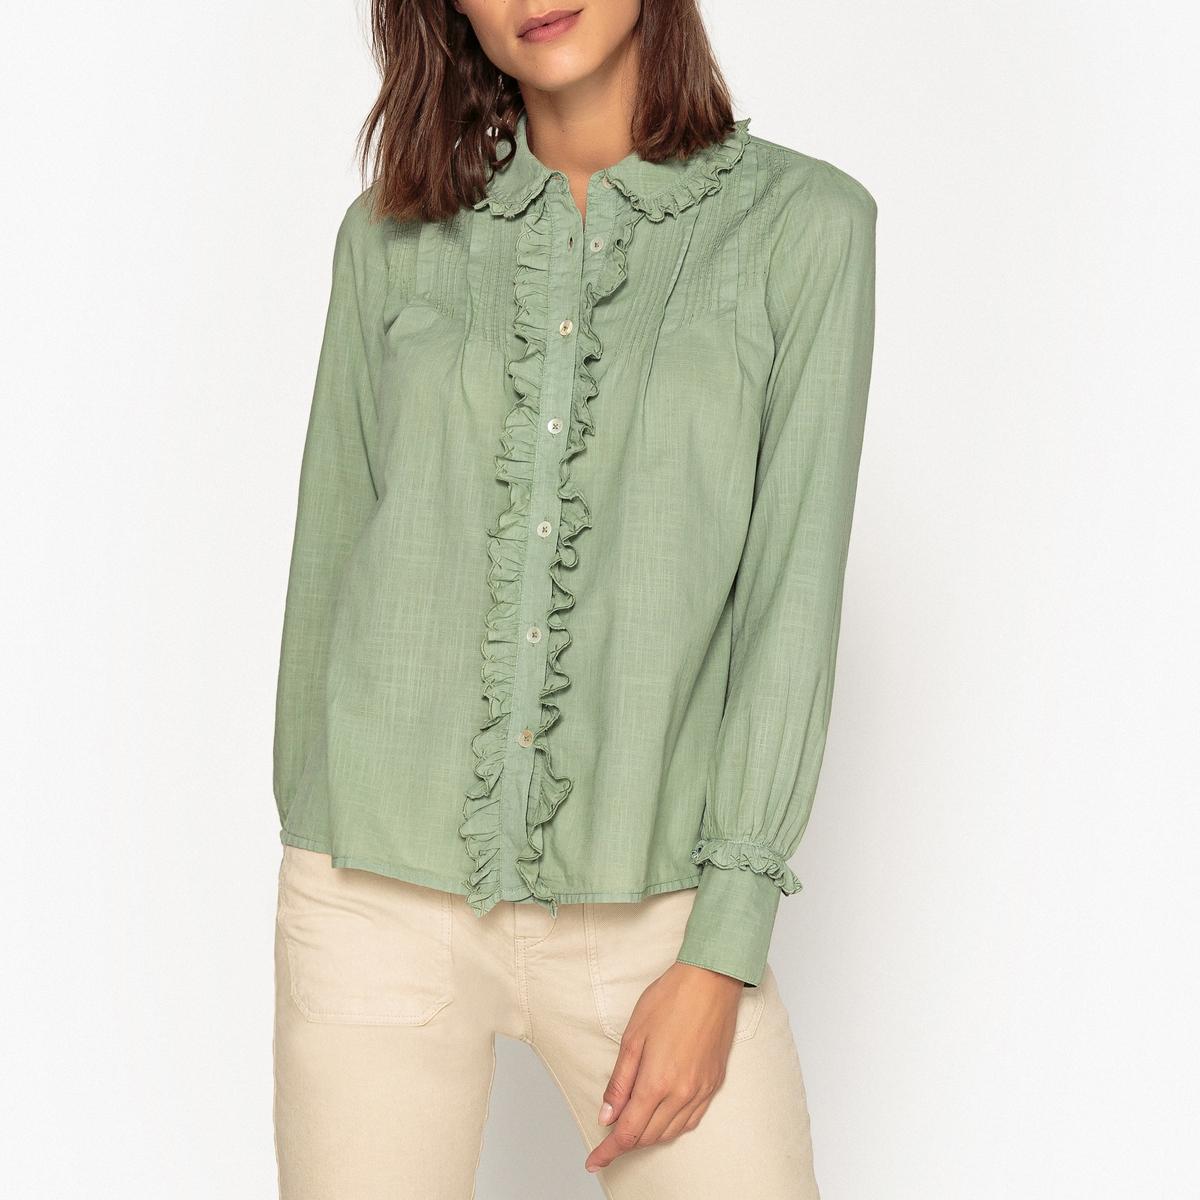 Фото - Блузка с воланами и длинными рукавами CLIC блузка боди с воланами 0 месяцев 3 года